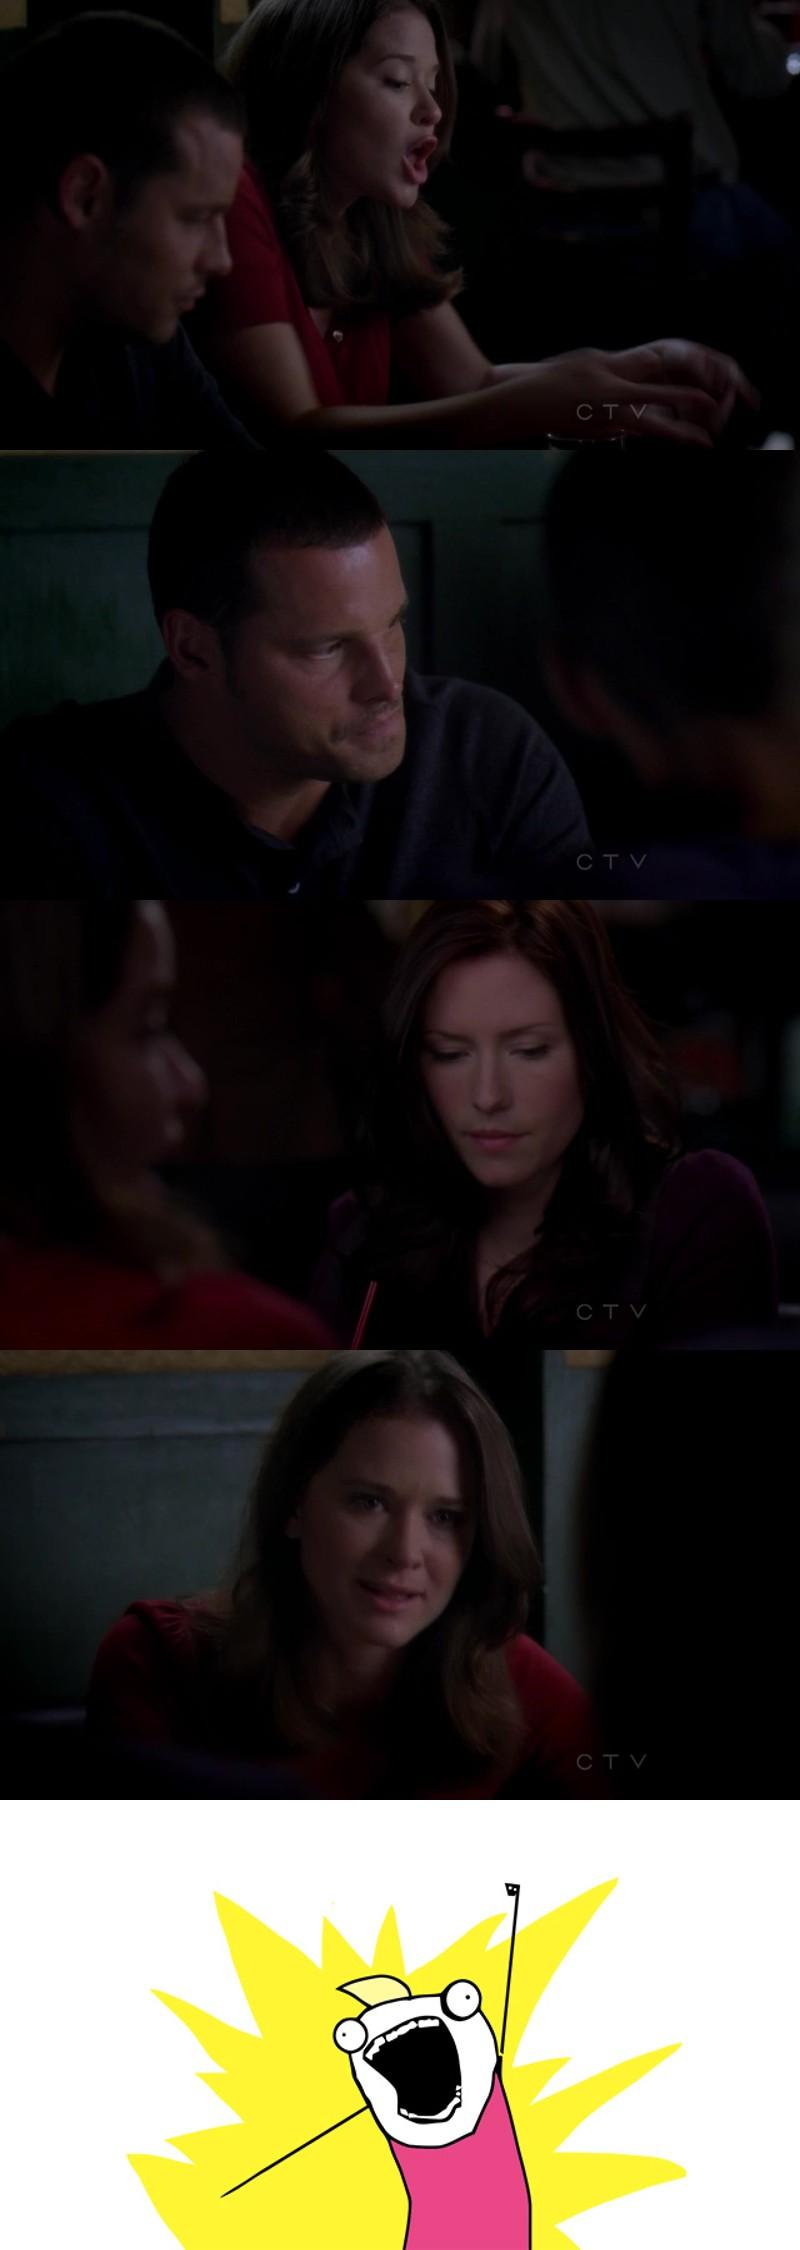 'Sono vergine si, e allora? Non è una cosa di cui parlo ok? Tutti abbiamo cose di cui non parliamo. Alex tu hai paura di prendere l'ascensore da circa un mese ma non ho mai detto niente perché non sono affari miei e tu Jackson ti svegli urlando tutte le notti perché hai gli incubi. Meredith tu non parli di Cristina perché hai paura che non sarà mai più la stessa Cristina e...Lexie, per l'amor di Dio, MARC NON HA MAI PENSATO CHE TU SIA PAZZA! Ti ama! Ecco perché ti fissa, perché non riesce a staccare gli occhi dalla donna che ama. Certo, non ti dirà mai niente perché si sente di non poterlo fare...TUTTI ABBIAMO COSE DI CUI NON PARLIAMO!'   👏🏼👏🏼💪🏼🔝